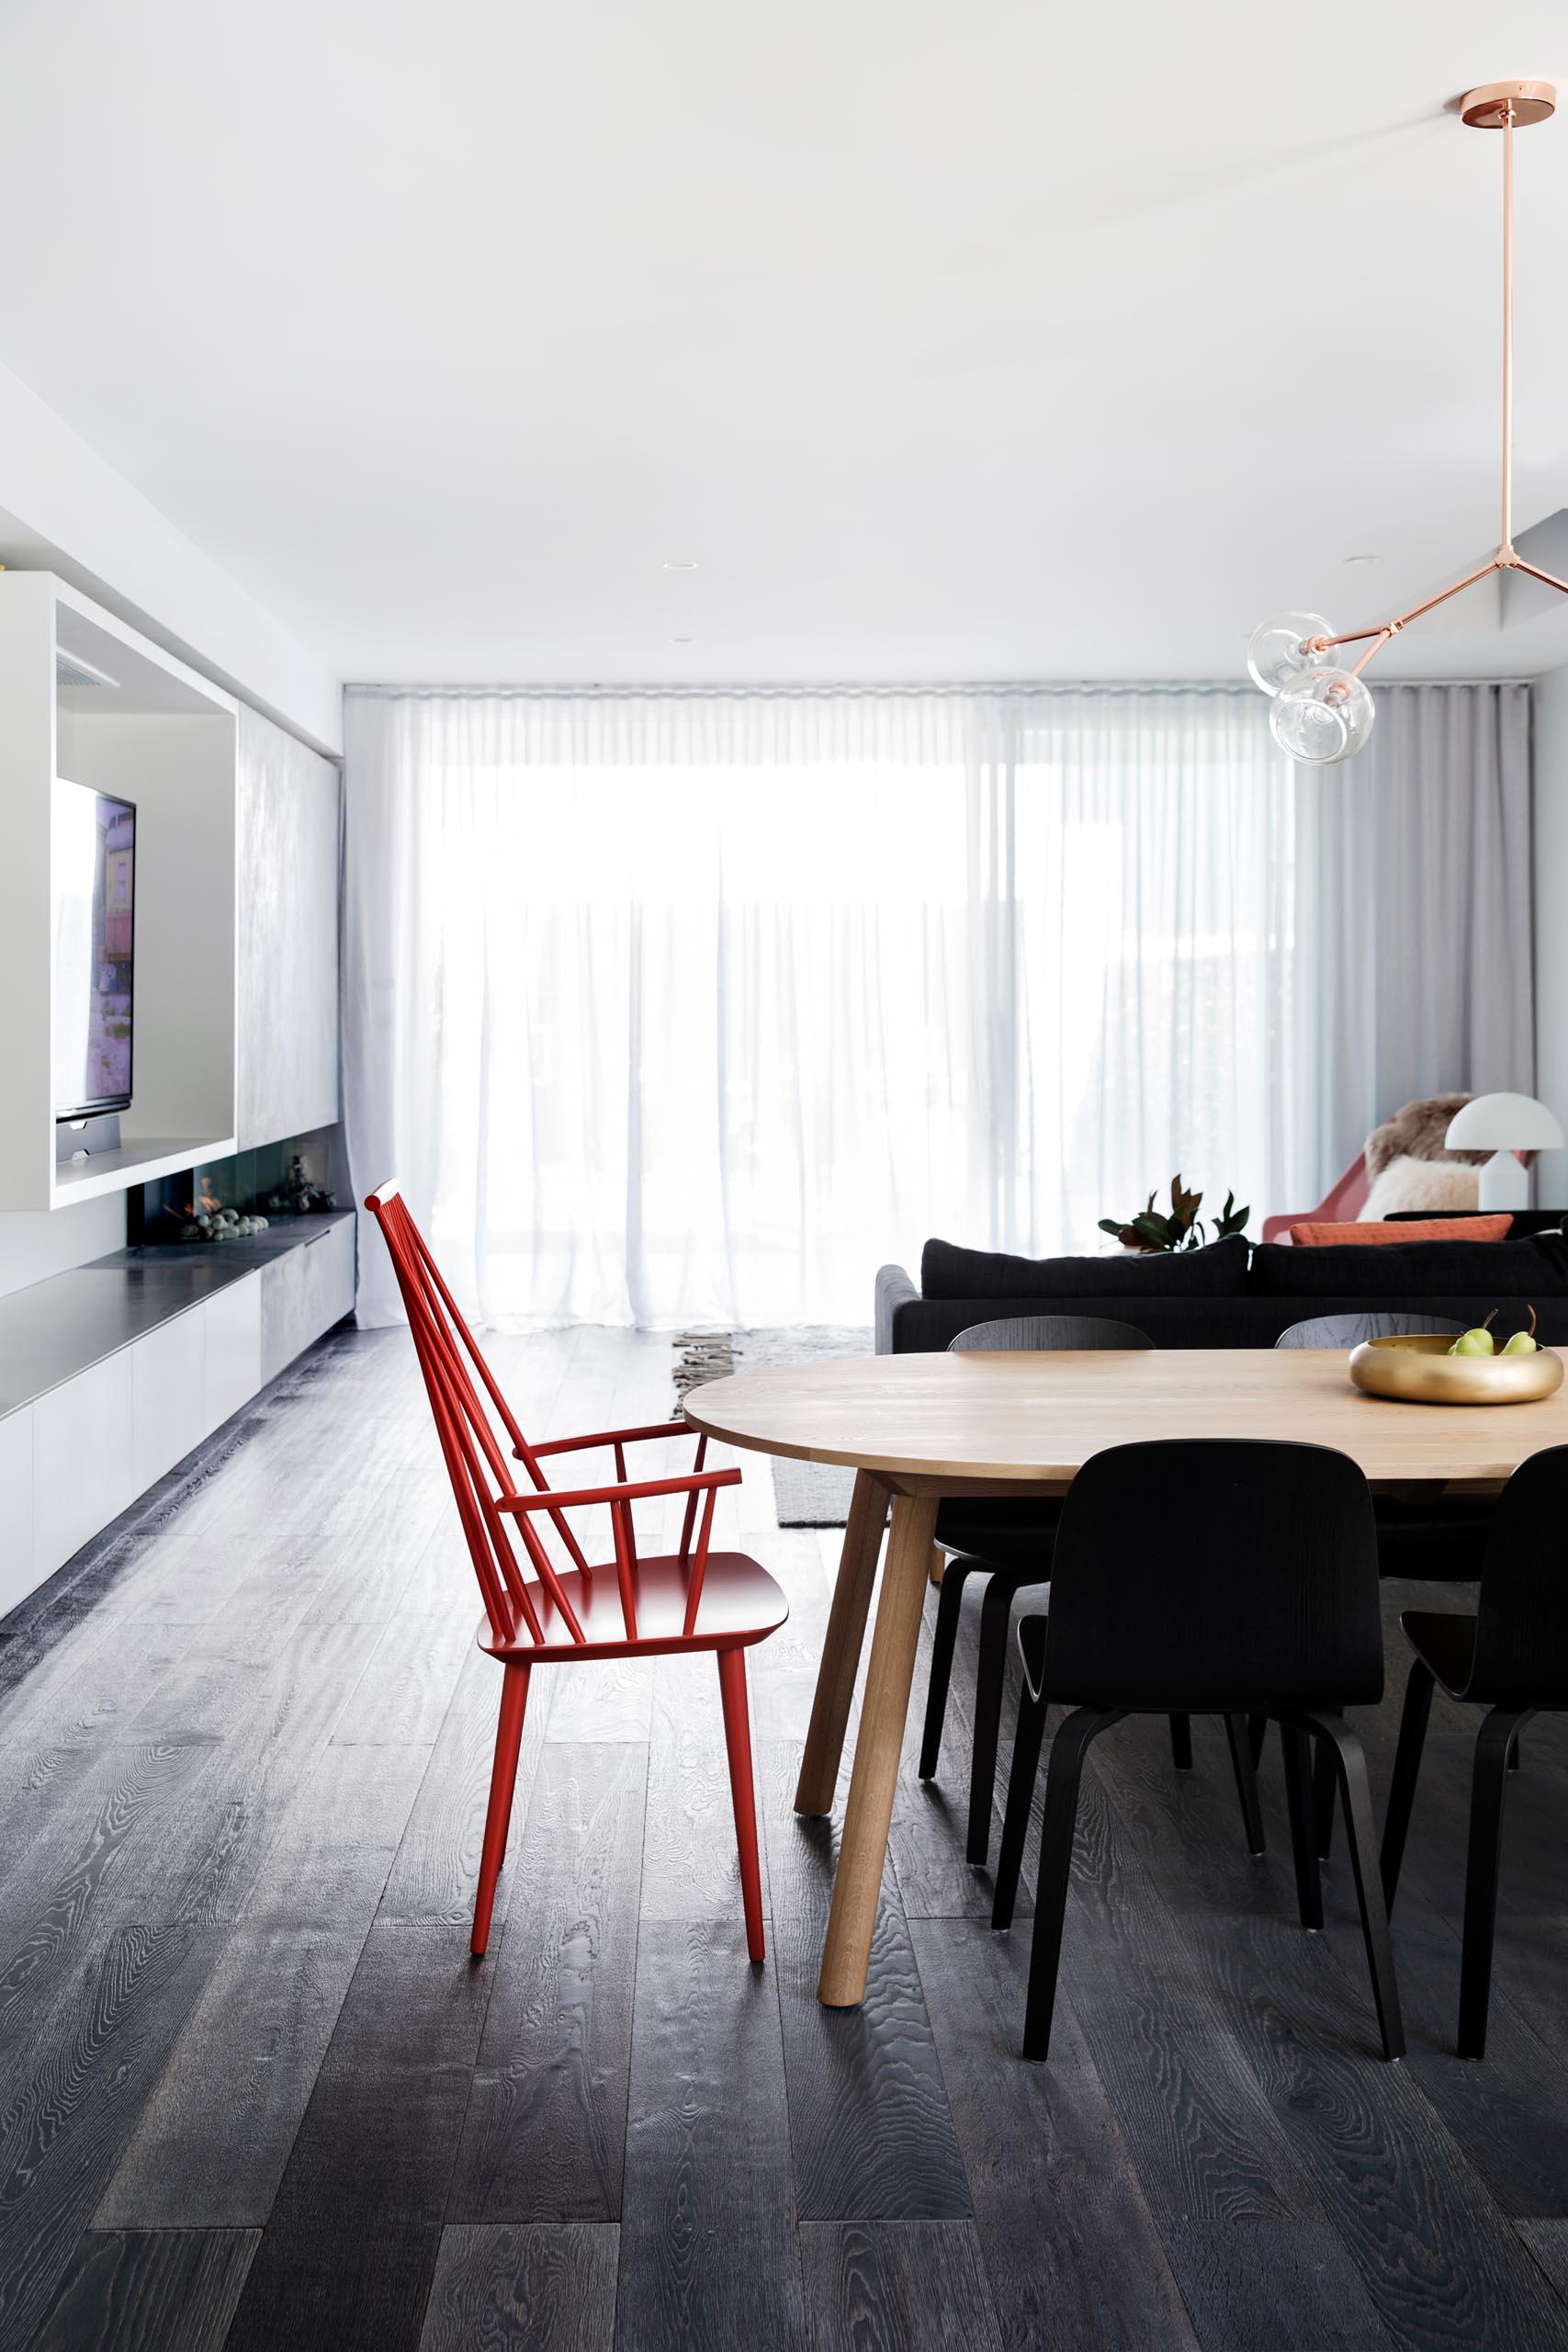 An open plan dining room with dark wood floor.